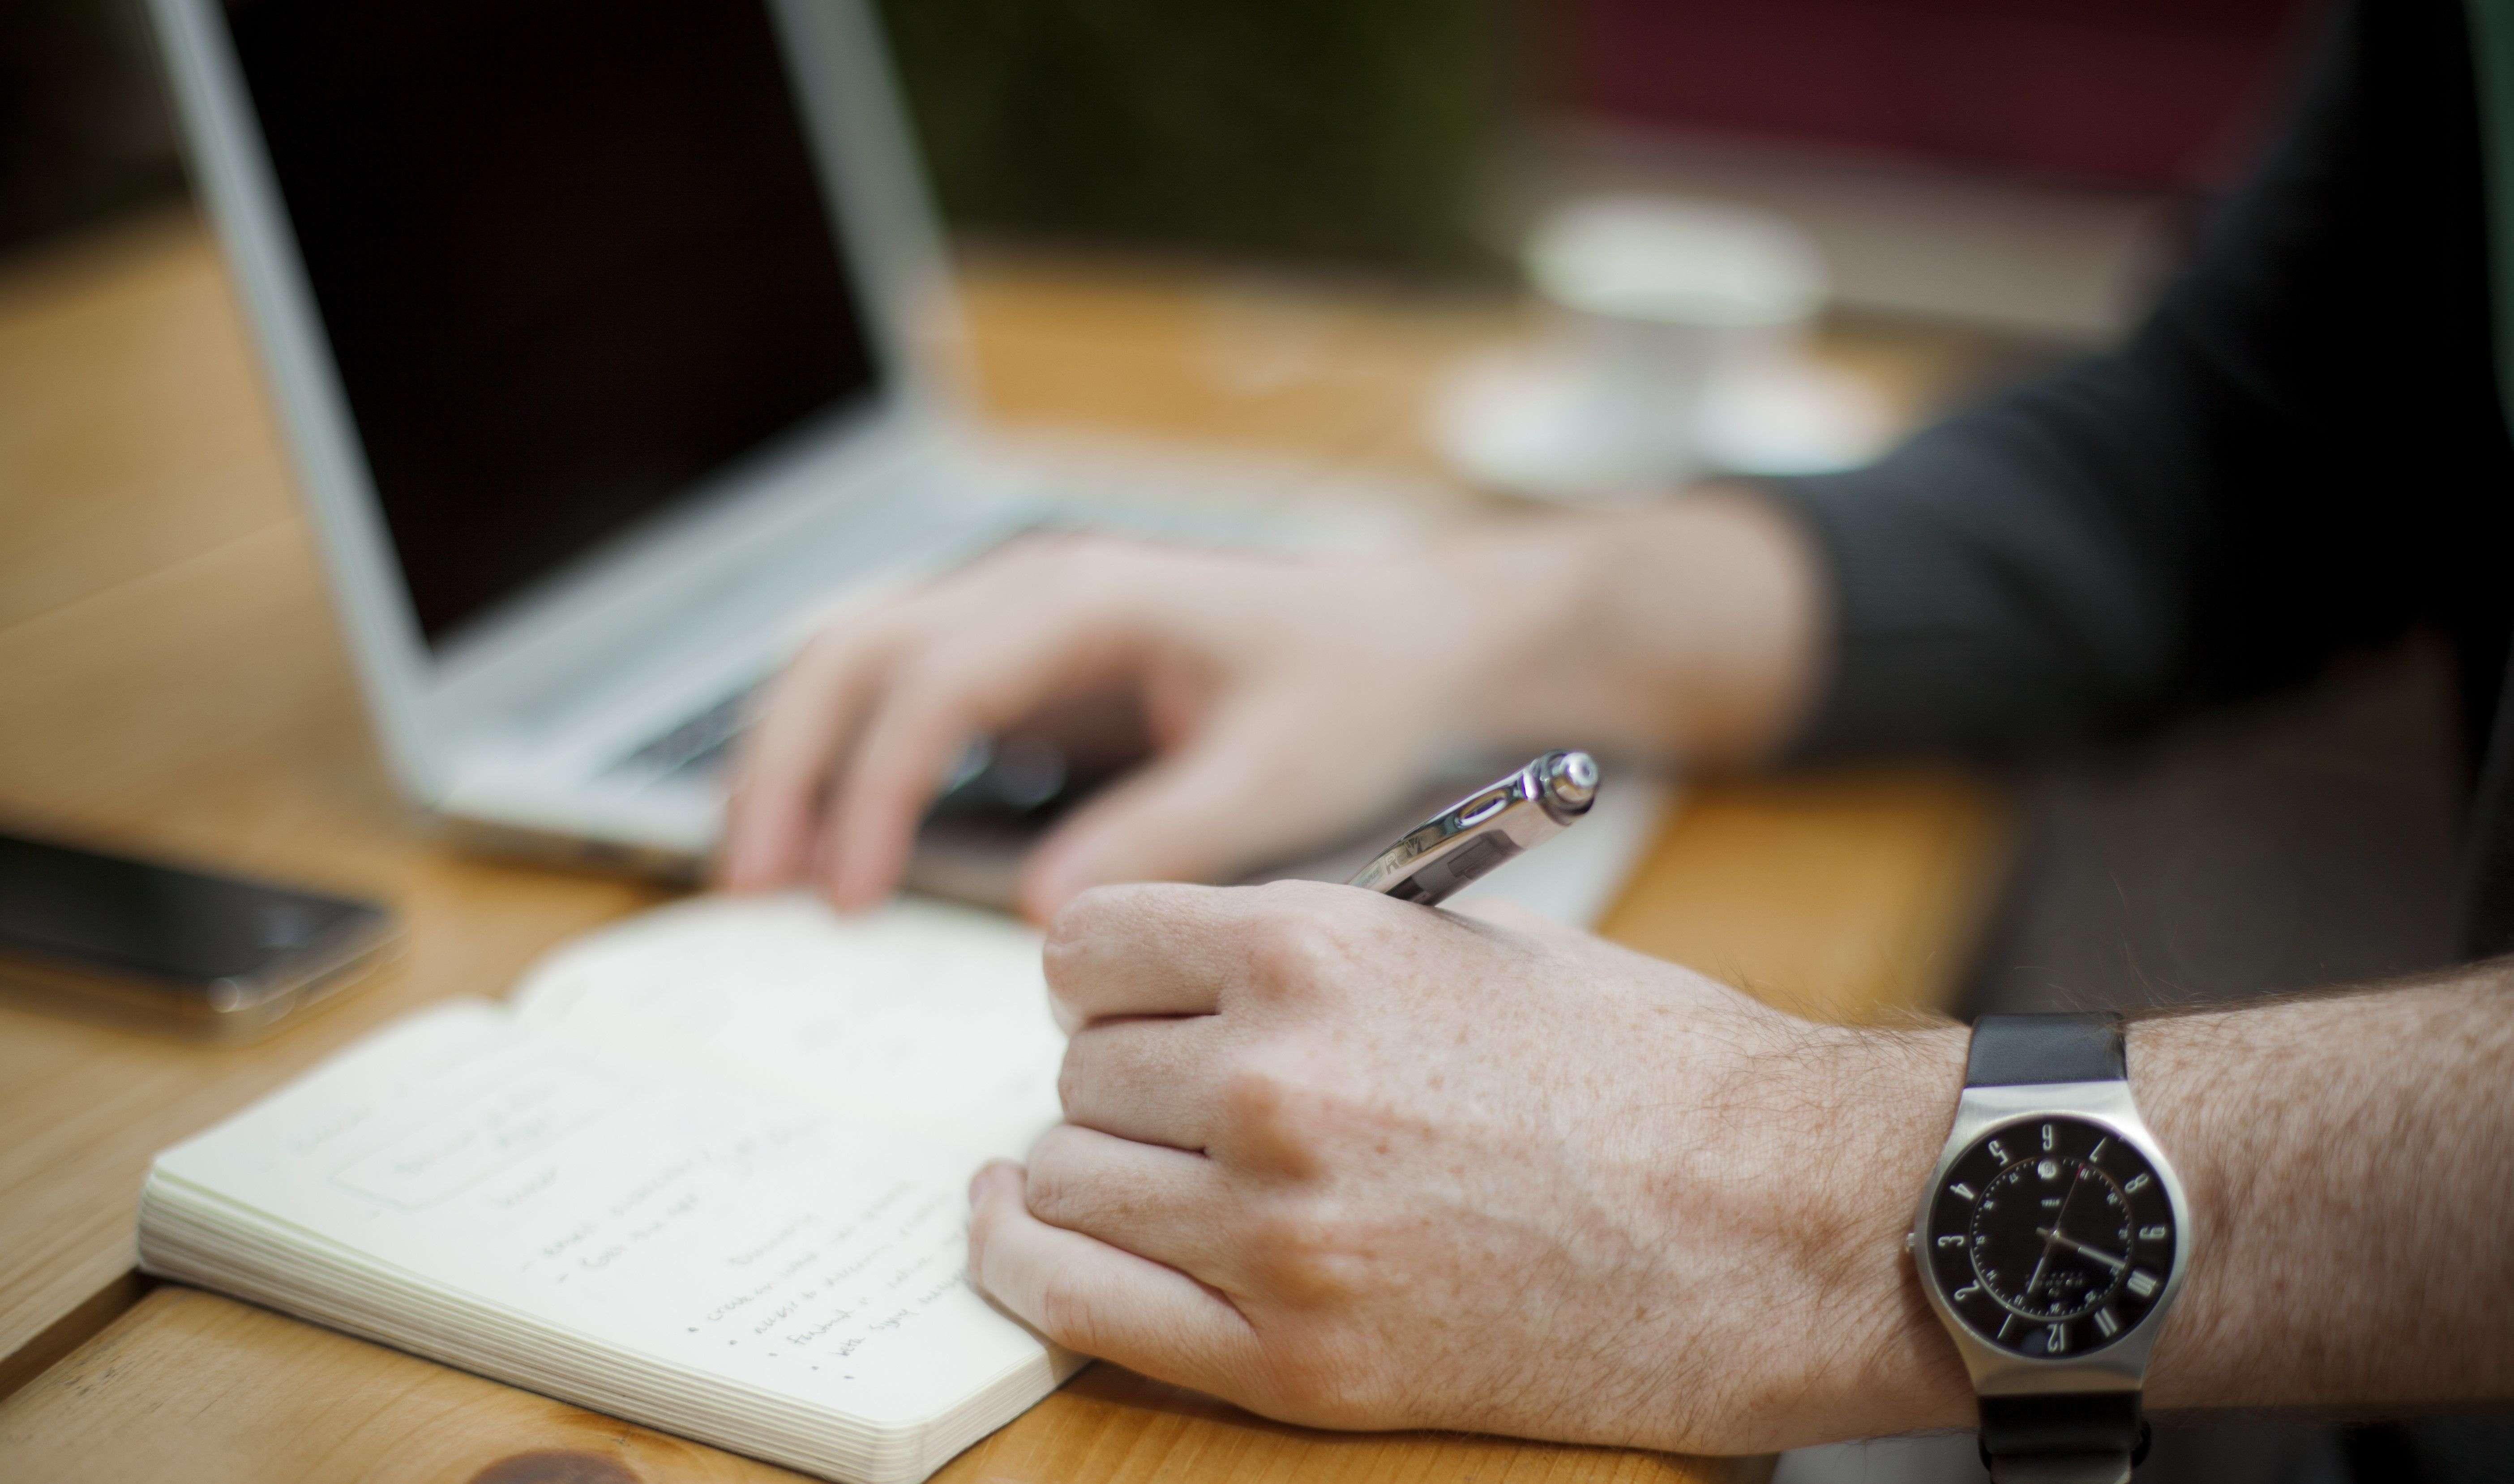 Dicas para freelancers: ferramentas divertidas e úteis